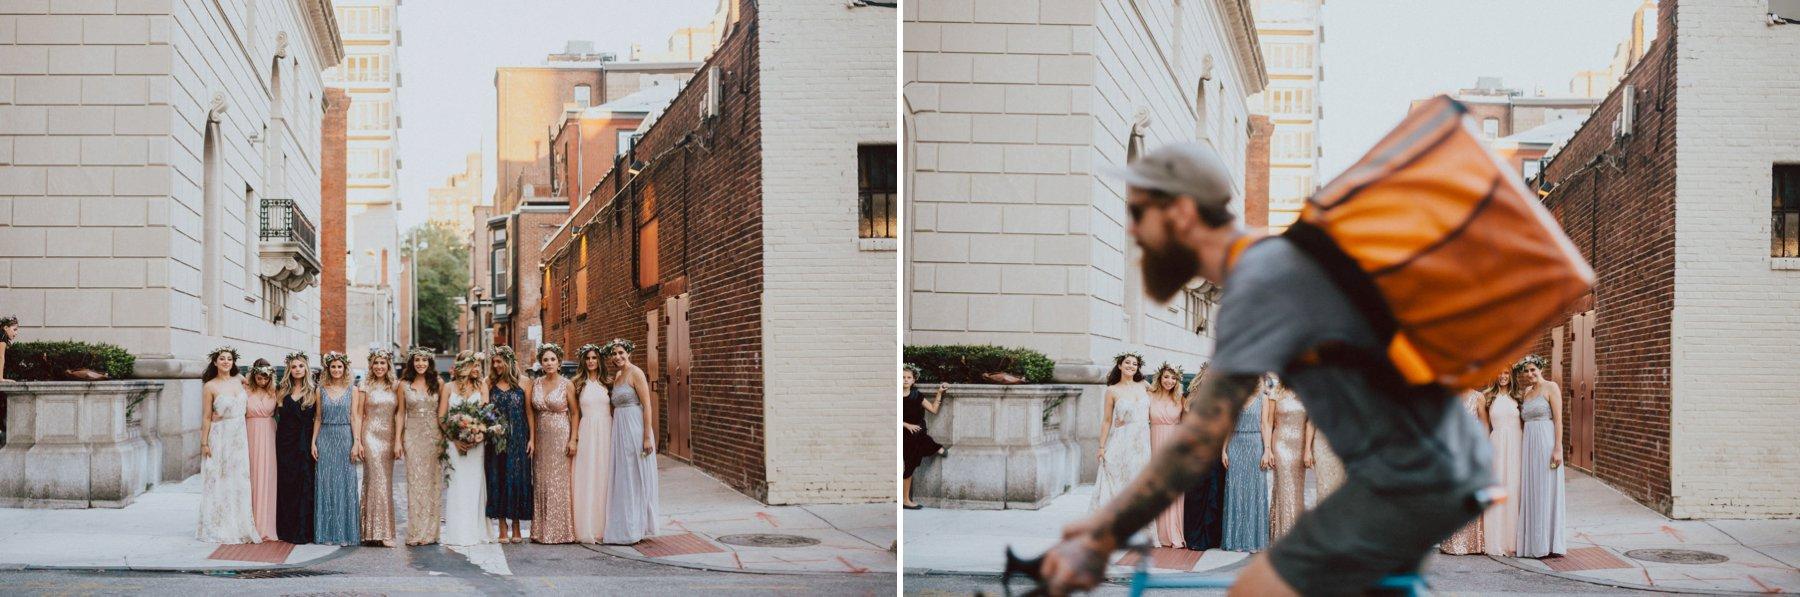 la-cheri-philadelphia-wedding-72.jpg